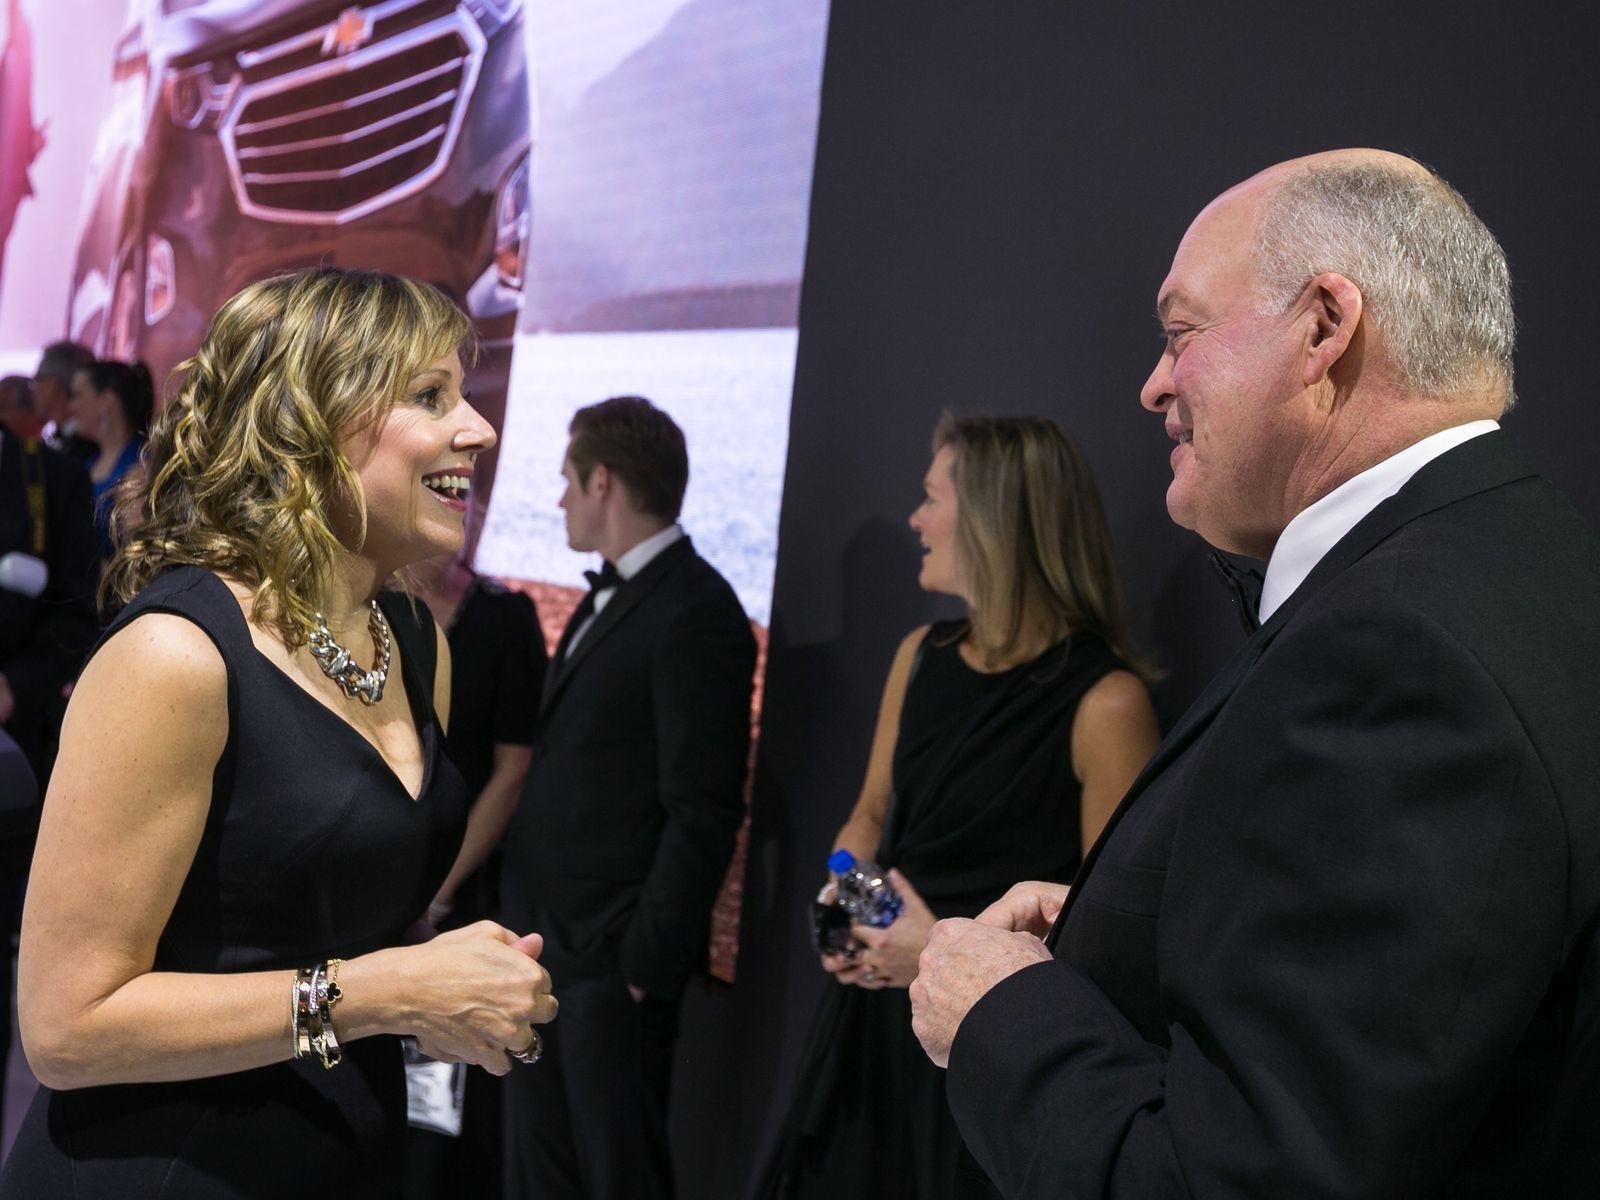 Мэри Барра (глава GM) и Джим Хэкетт (глава Ford) сейчас явно находятся на одной волне.